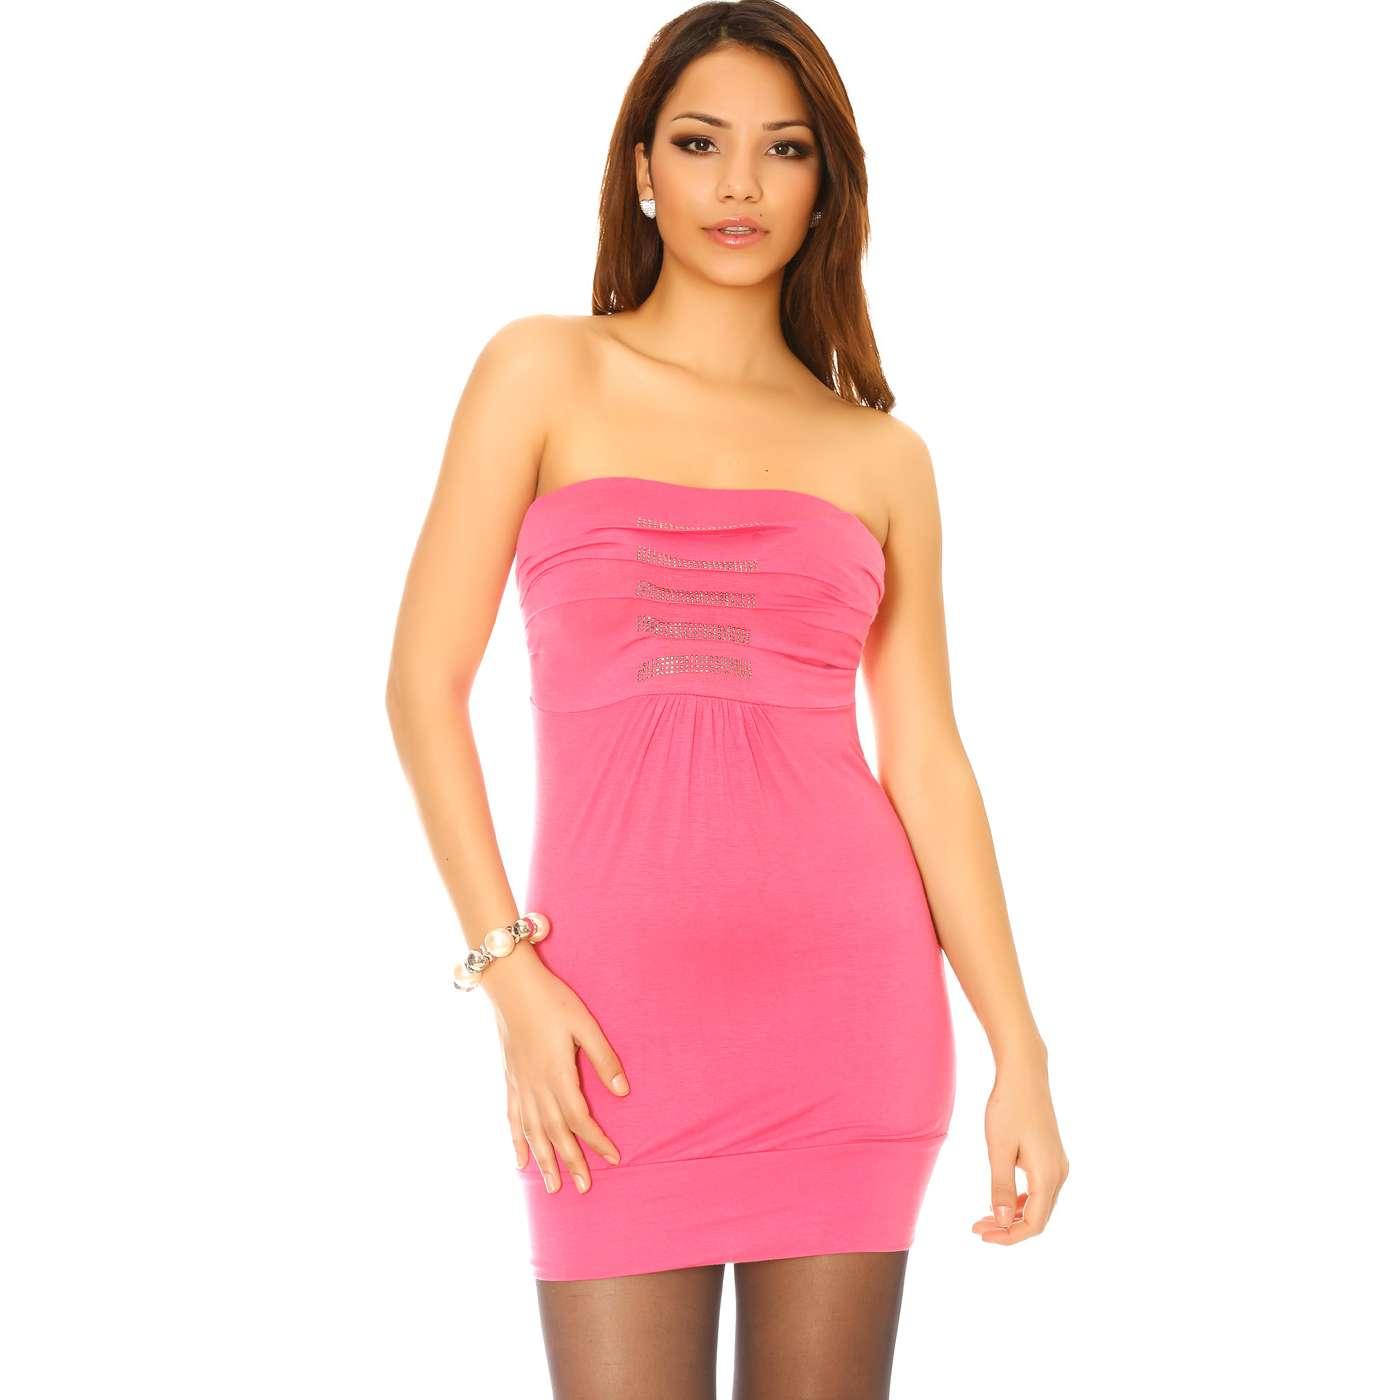 891f073be20 Produit Neuf - Miss Wear Line - Robe courte et légère bustier